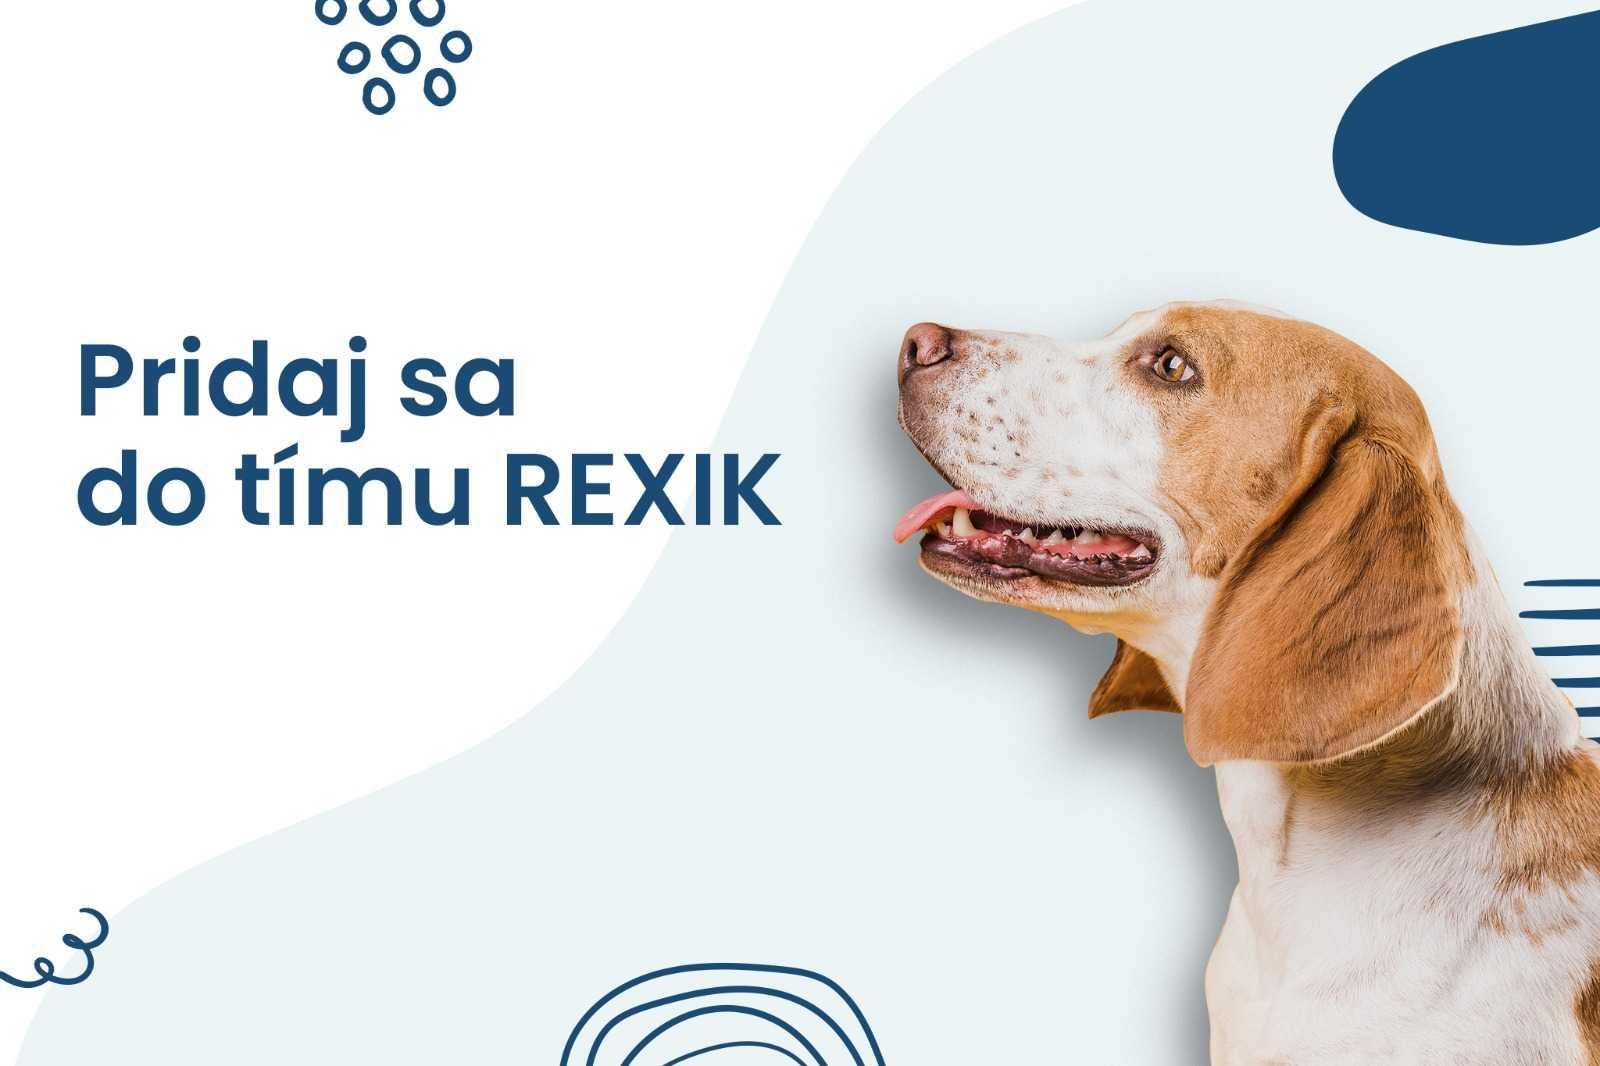 výcvik psa, výcvik psov, tréner psov, individuálny výcvik psa, skupinový výcvik psa, individuálny výcvik psov, skupinový výcvik psov